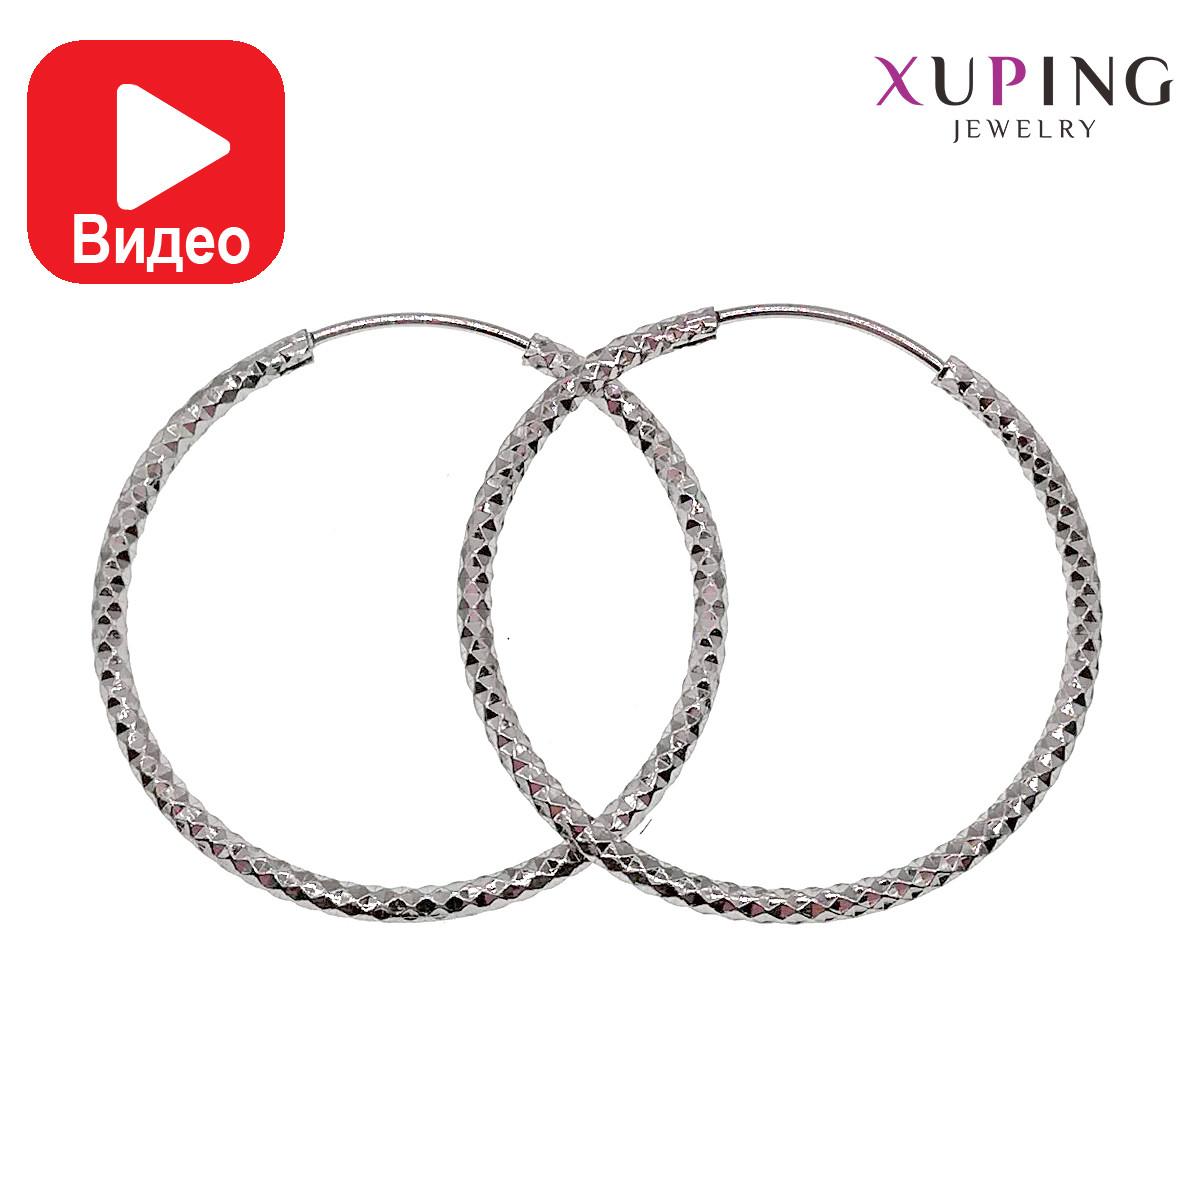 Серьги-кольца Xuping, размер 36х1,5 мм, из медицинского золота, покрыты родием, вес 3 г, ХР00455 (1)